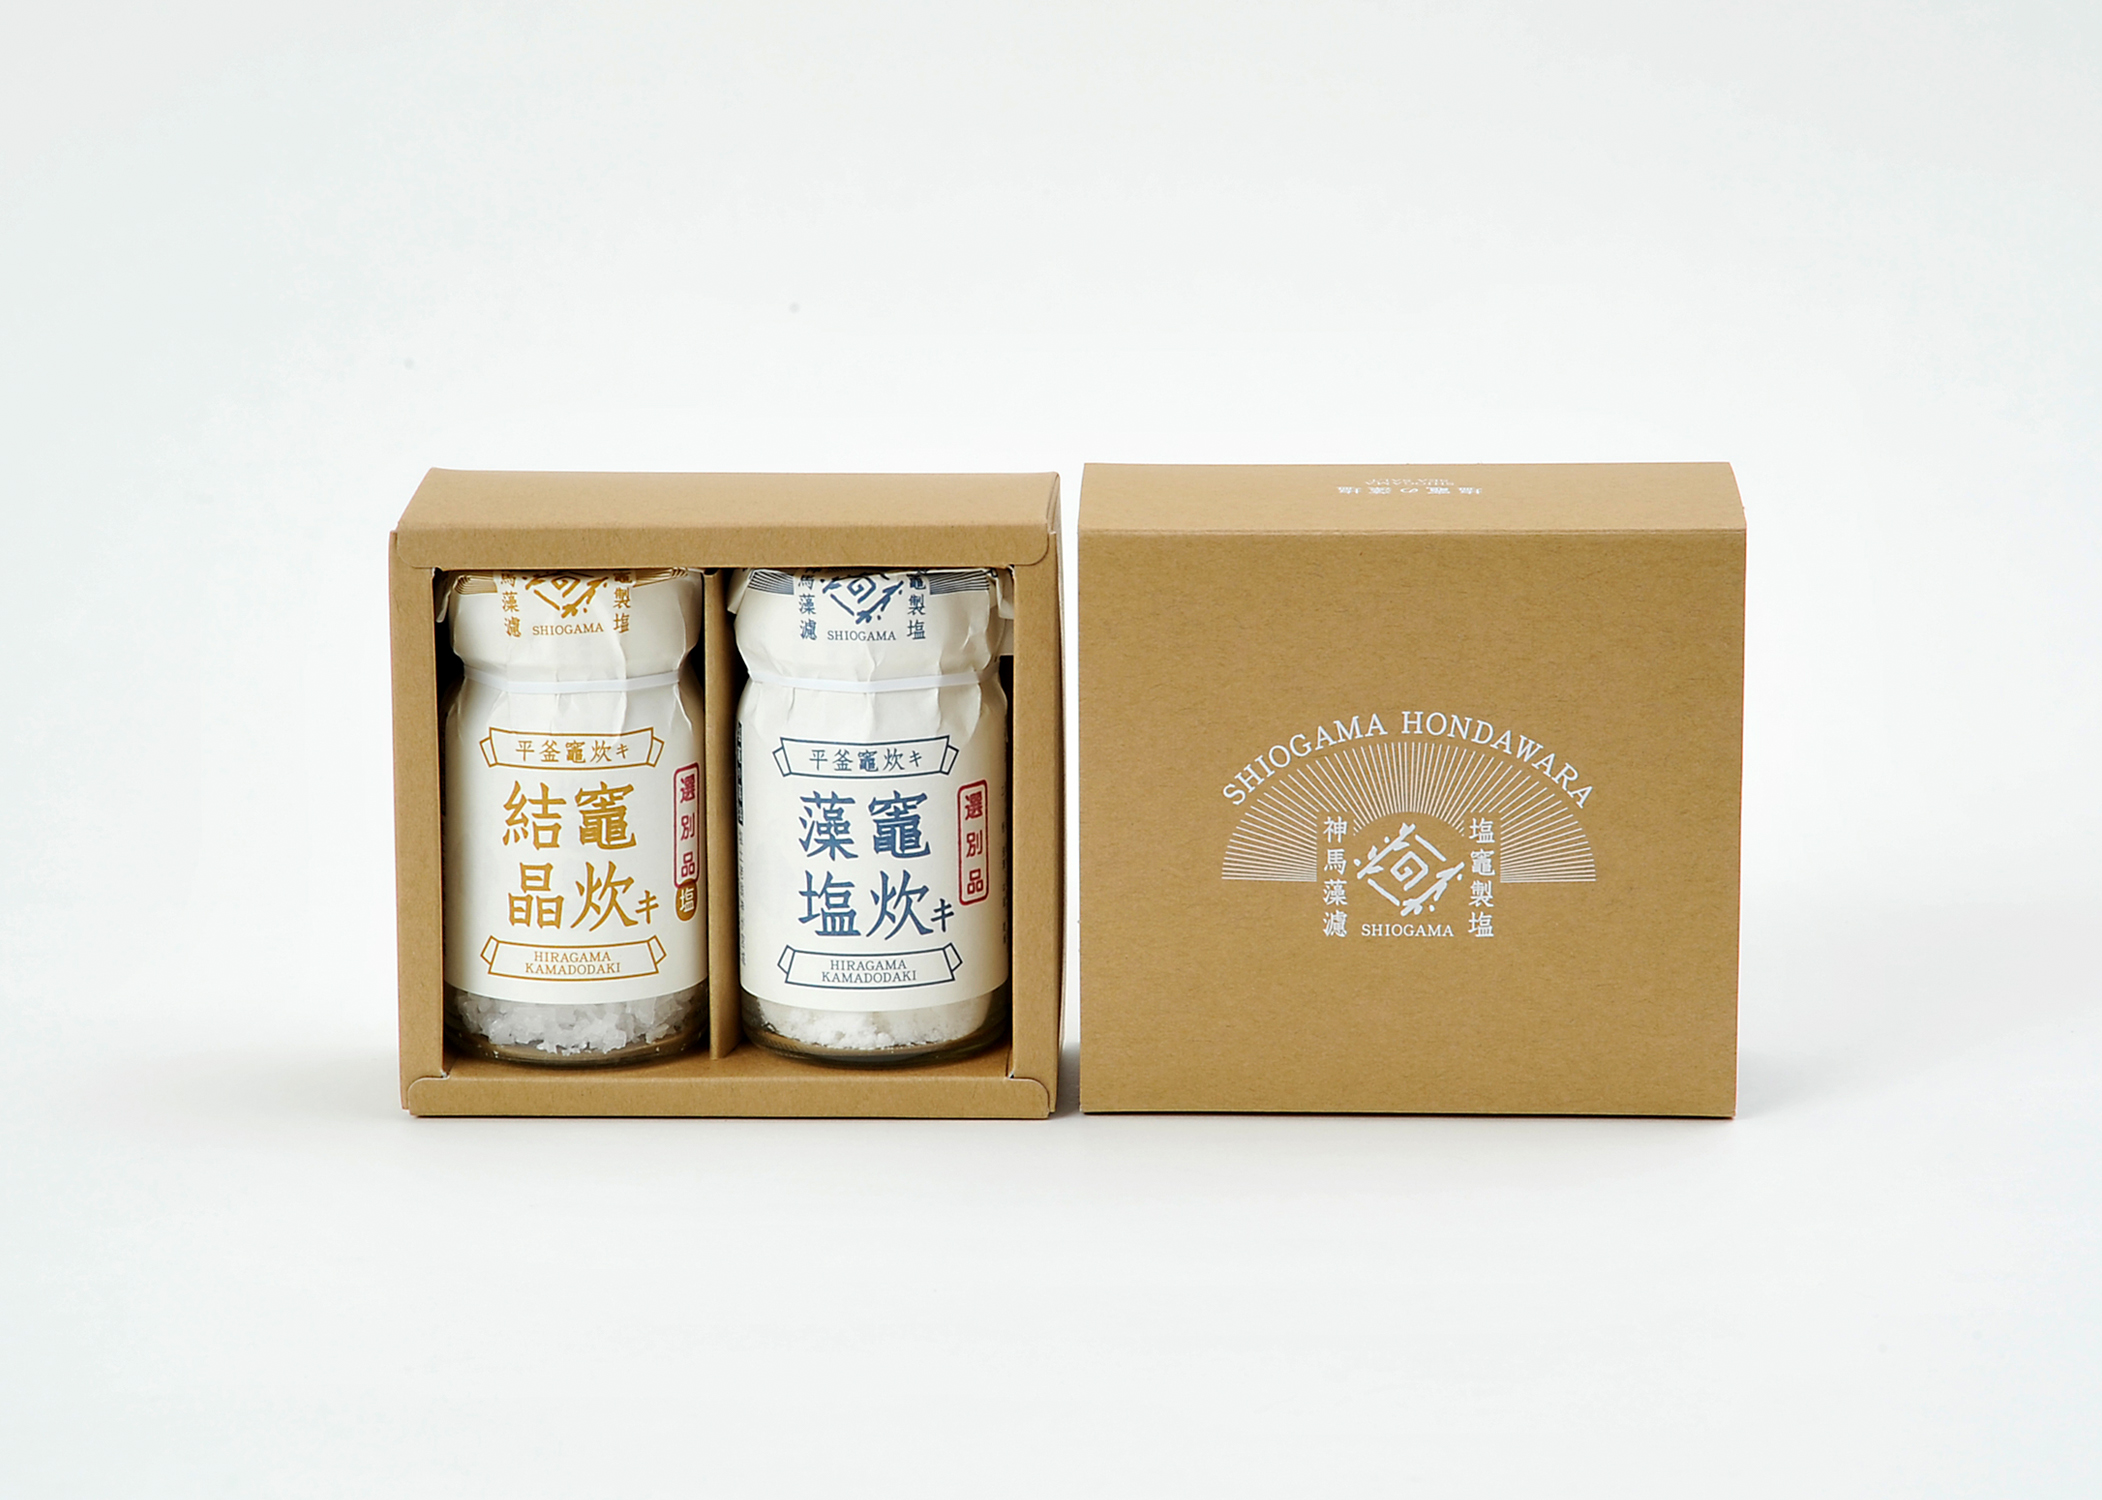 竈炊キ藻塩_竈炊キ結晶01